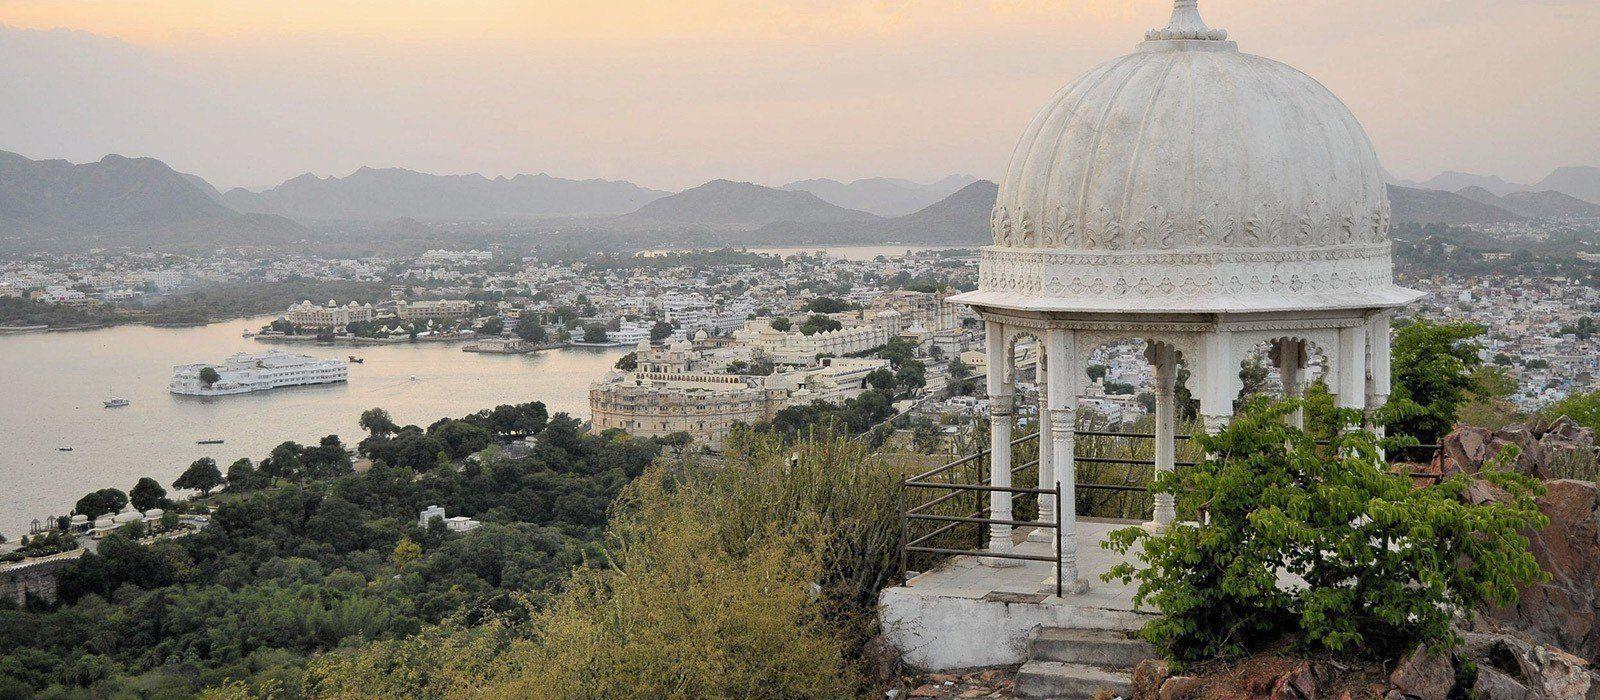 Trident Exklusiv: Kulturelle Höhepunkte Nordindiens Urlaub 4